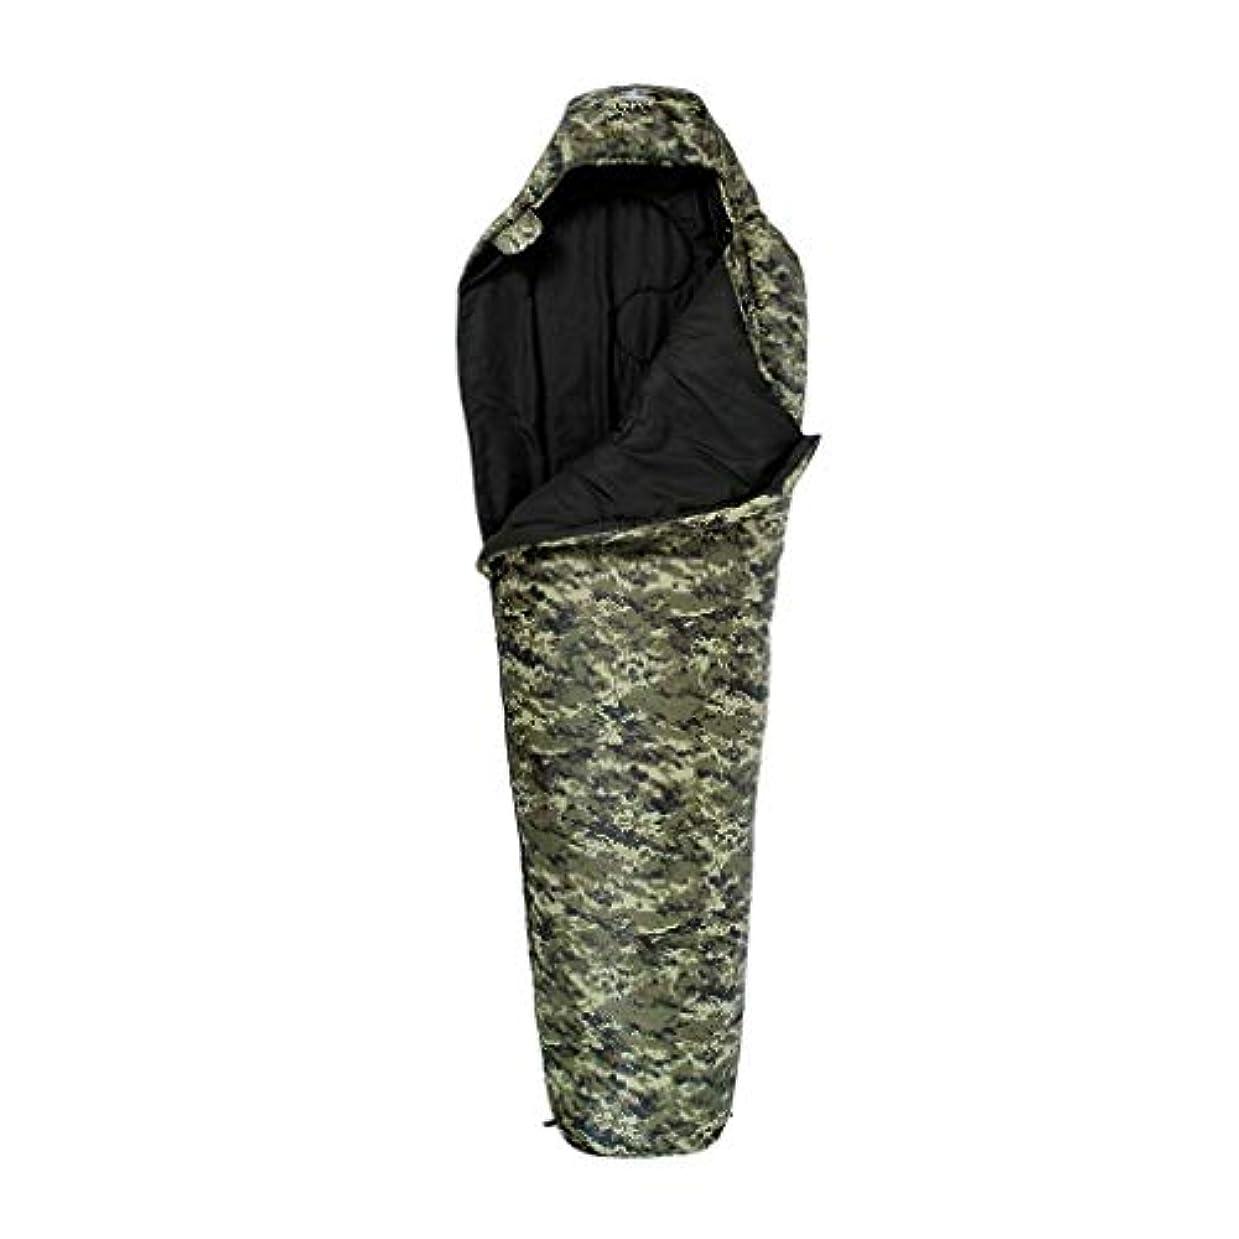 両方を通して大使迷彩ミイラキャンプ寝袋軽量暖かく快適な3-4シーズン睡眠マット大人の旅行のハイキング屋内野外活動 (色 : B, サイズ さいず : 1.3kg)